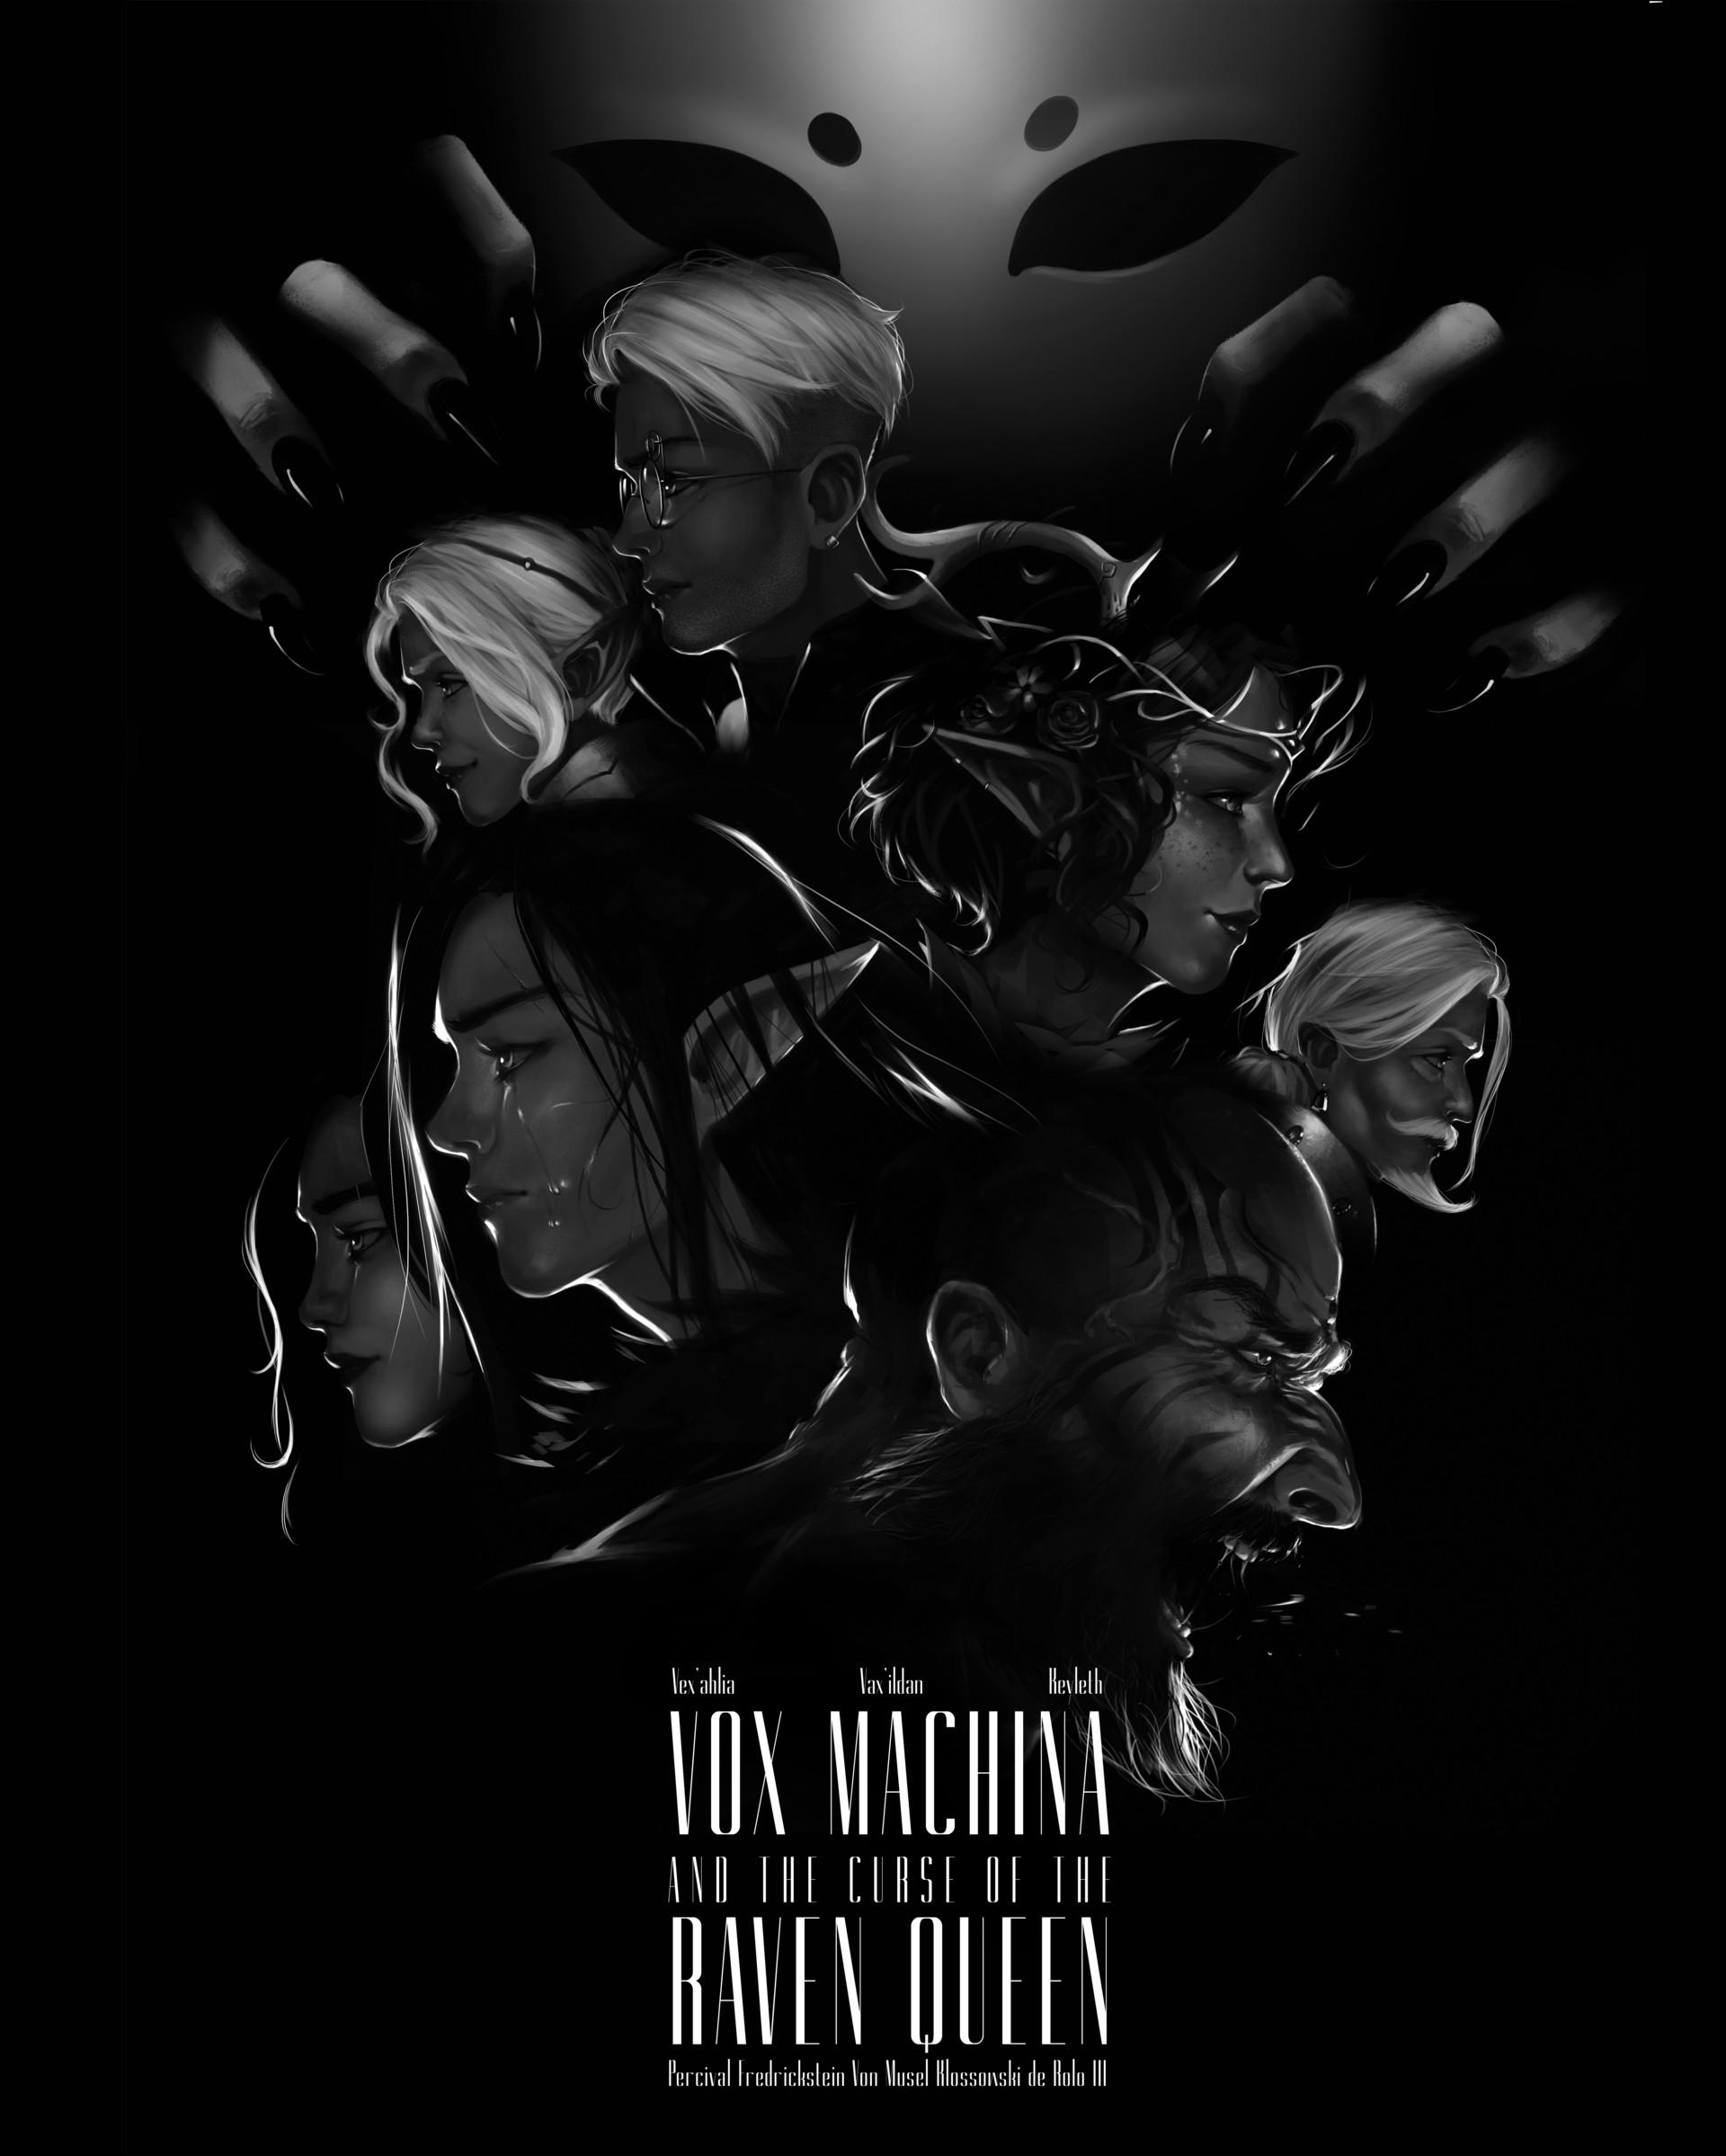 Caio santos poster voxtwiiter version